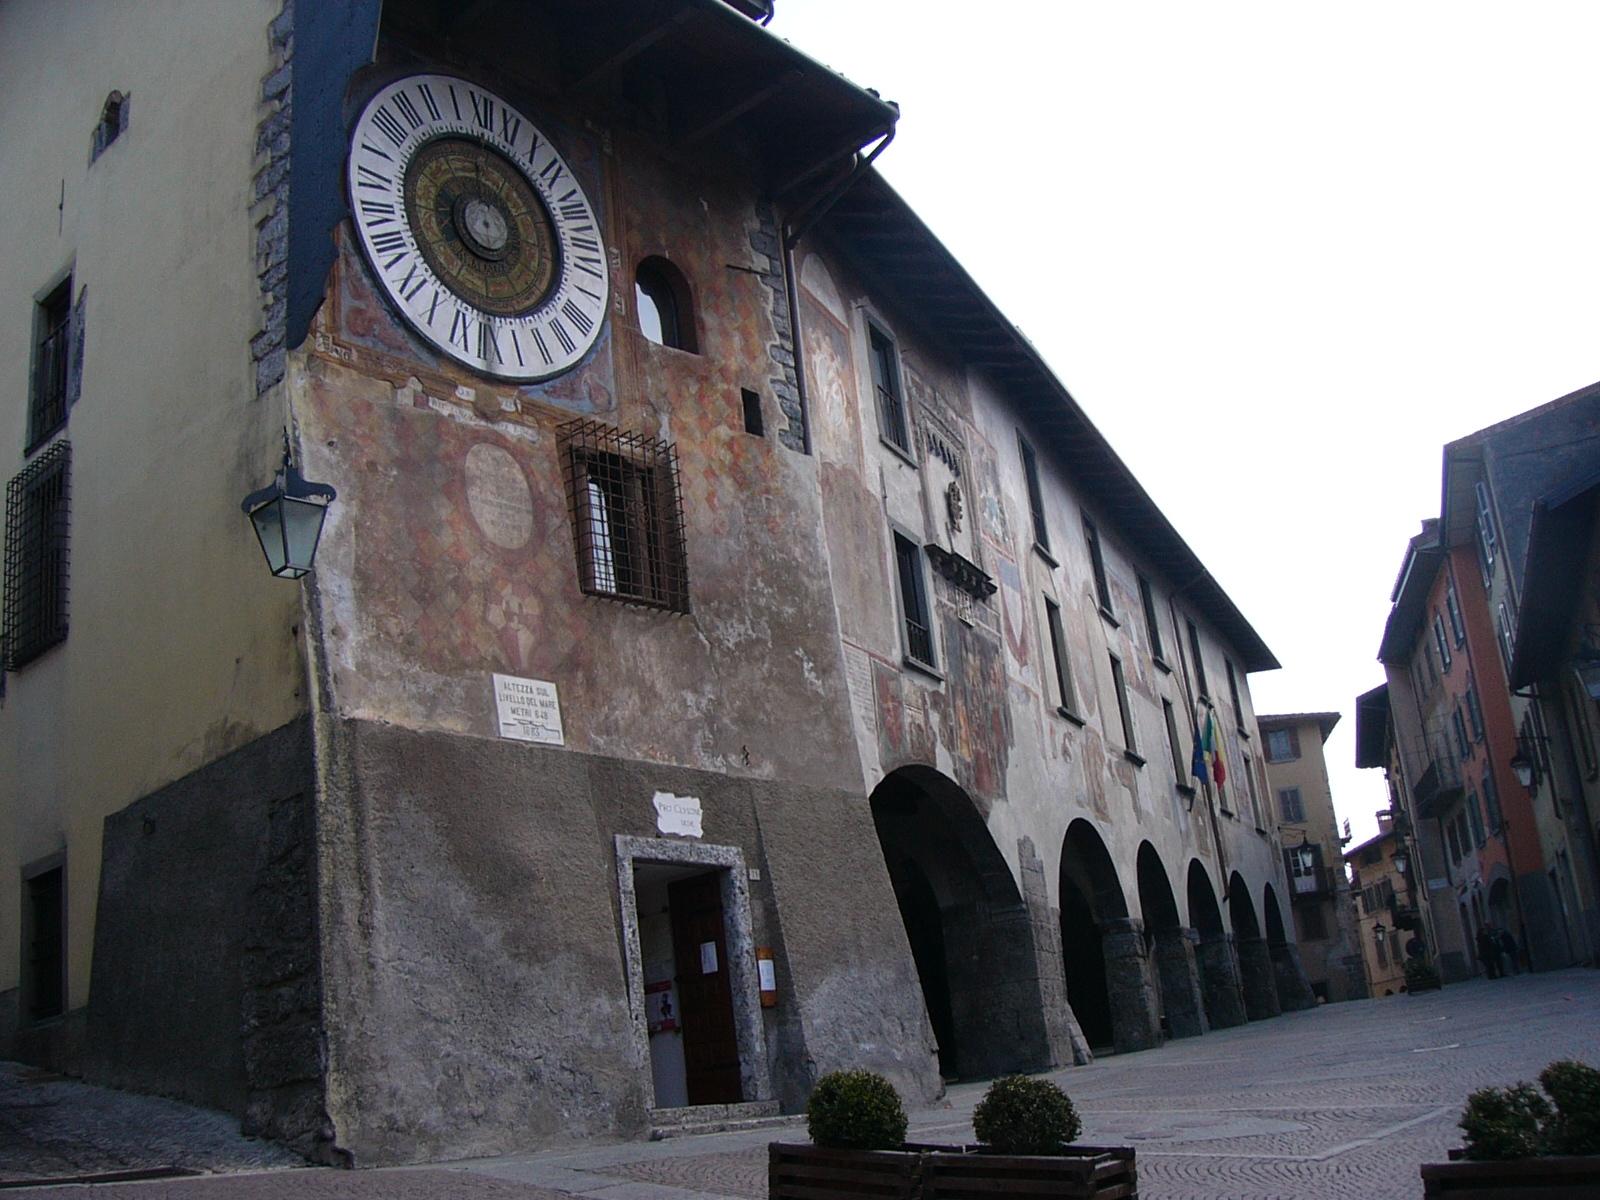 Piazza dell'orologio -Gianfranco Massetti